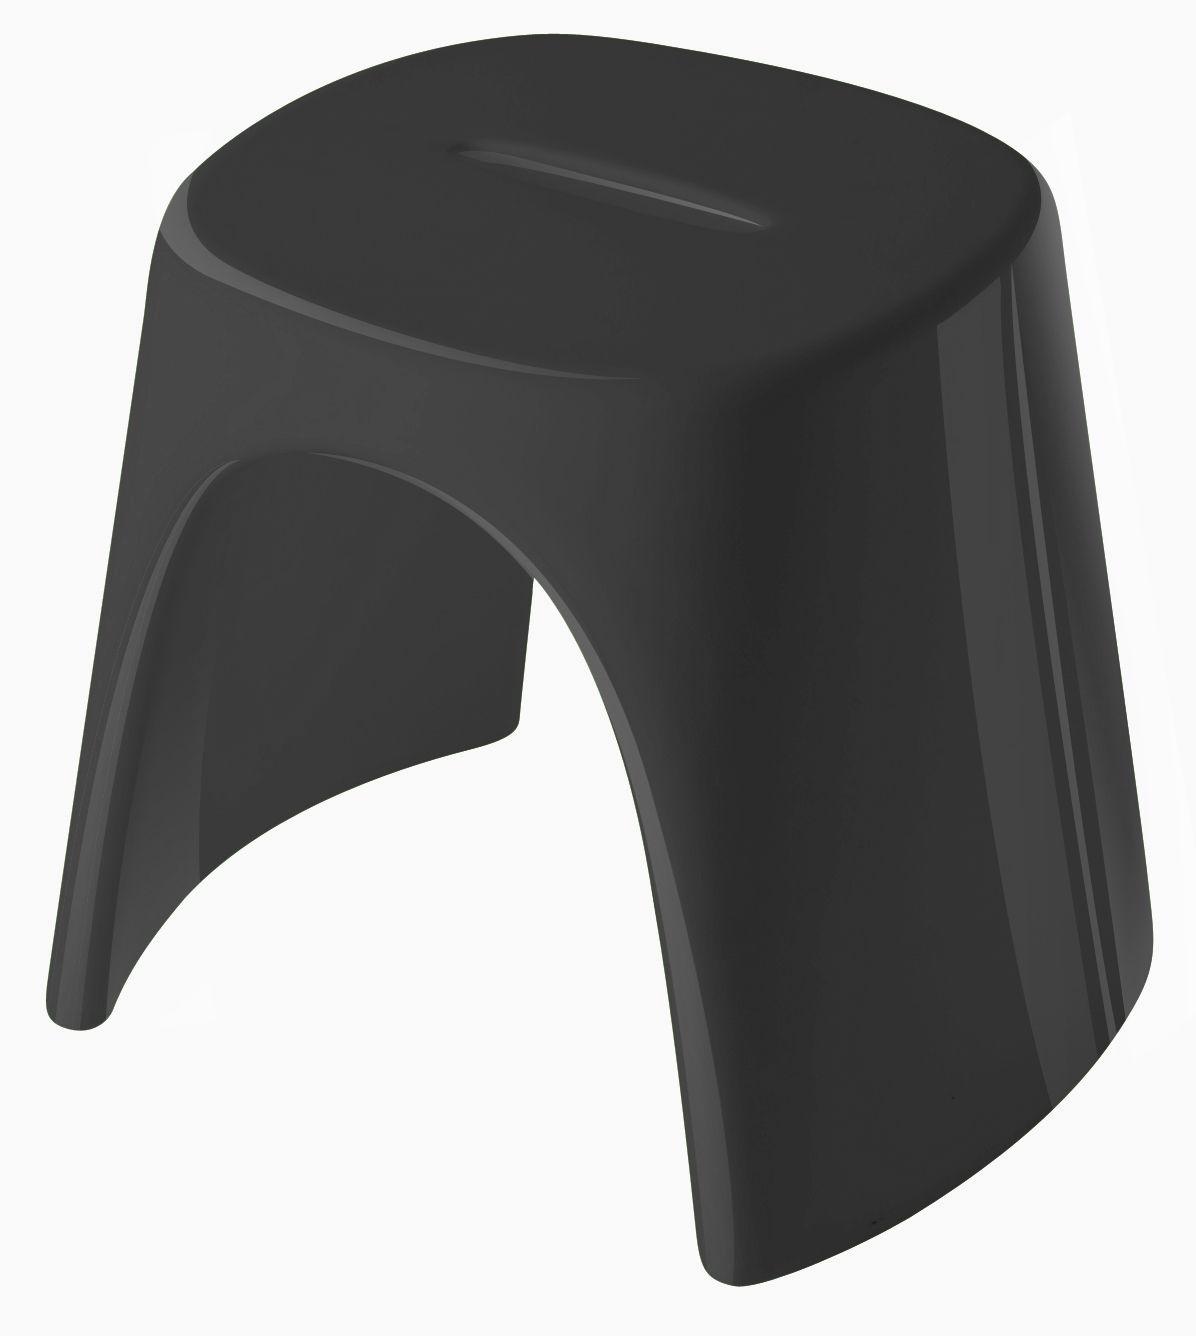 Arredamento - Sgabelli - Sgabello impilabile Amélie - versione laccata di Slide - Laccato nero - Polietilene riciclabile laccato